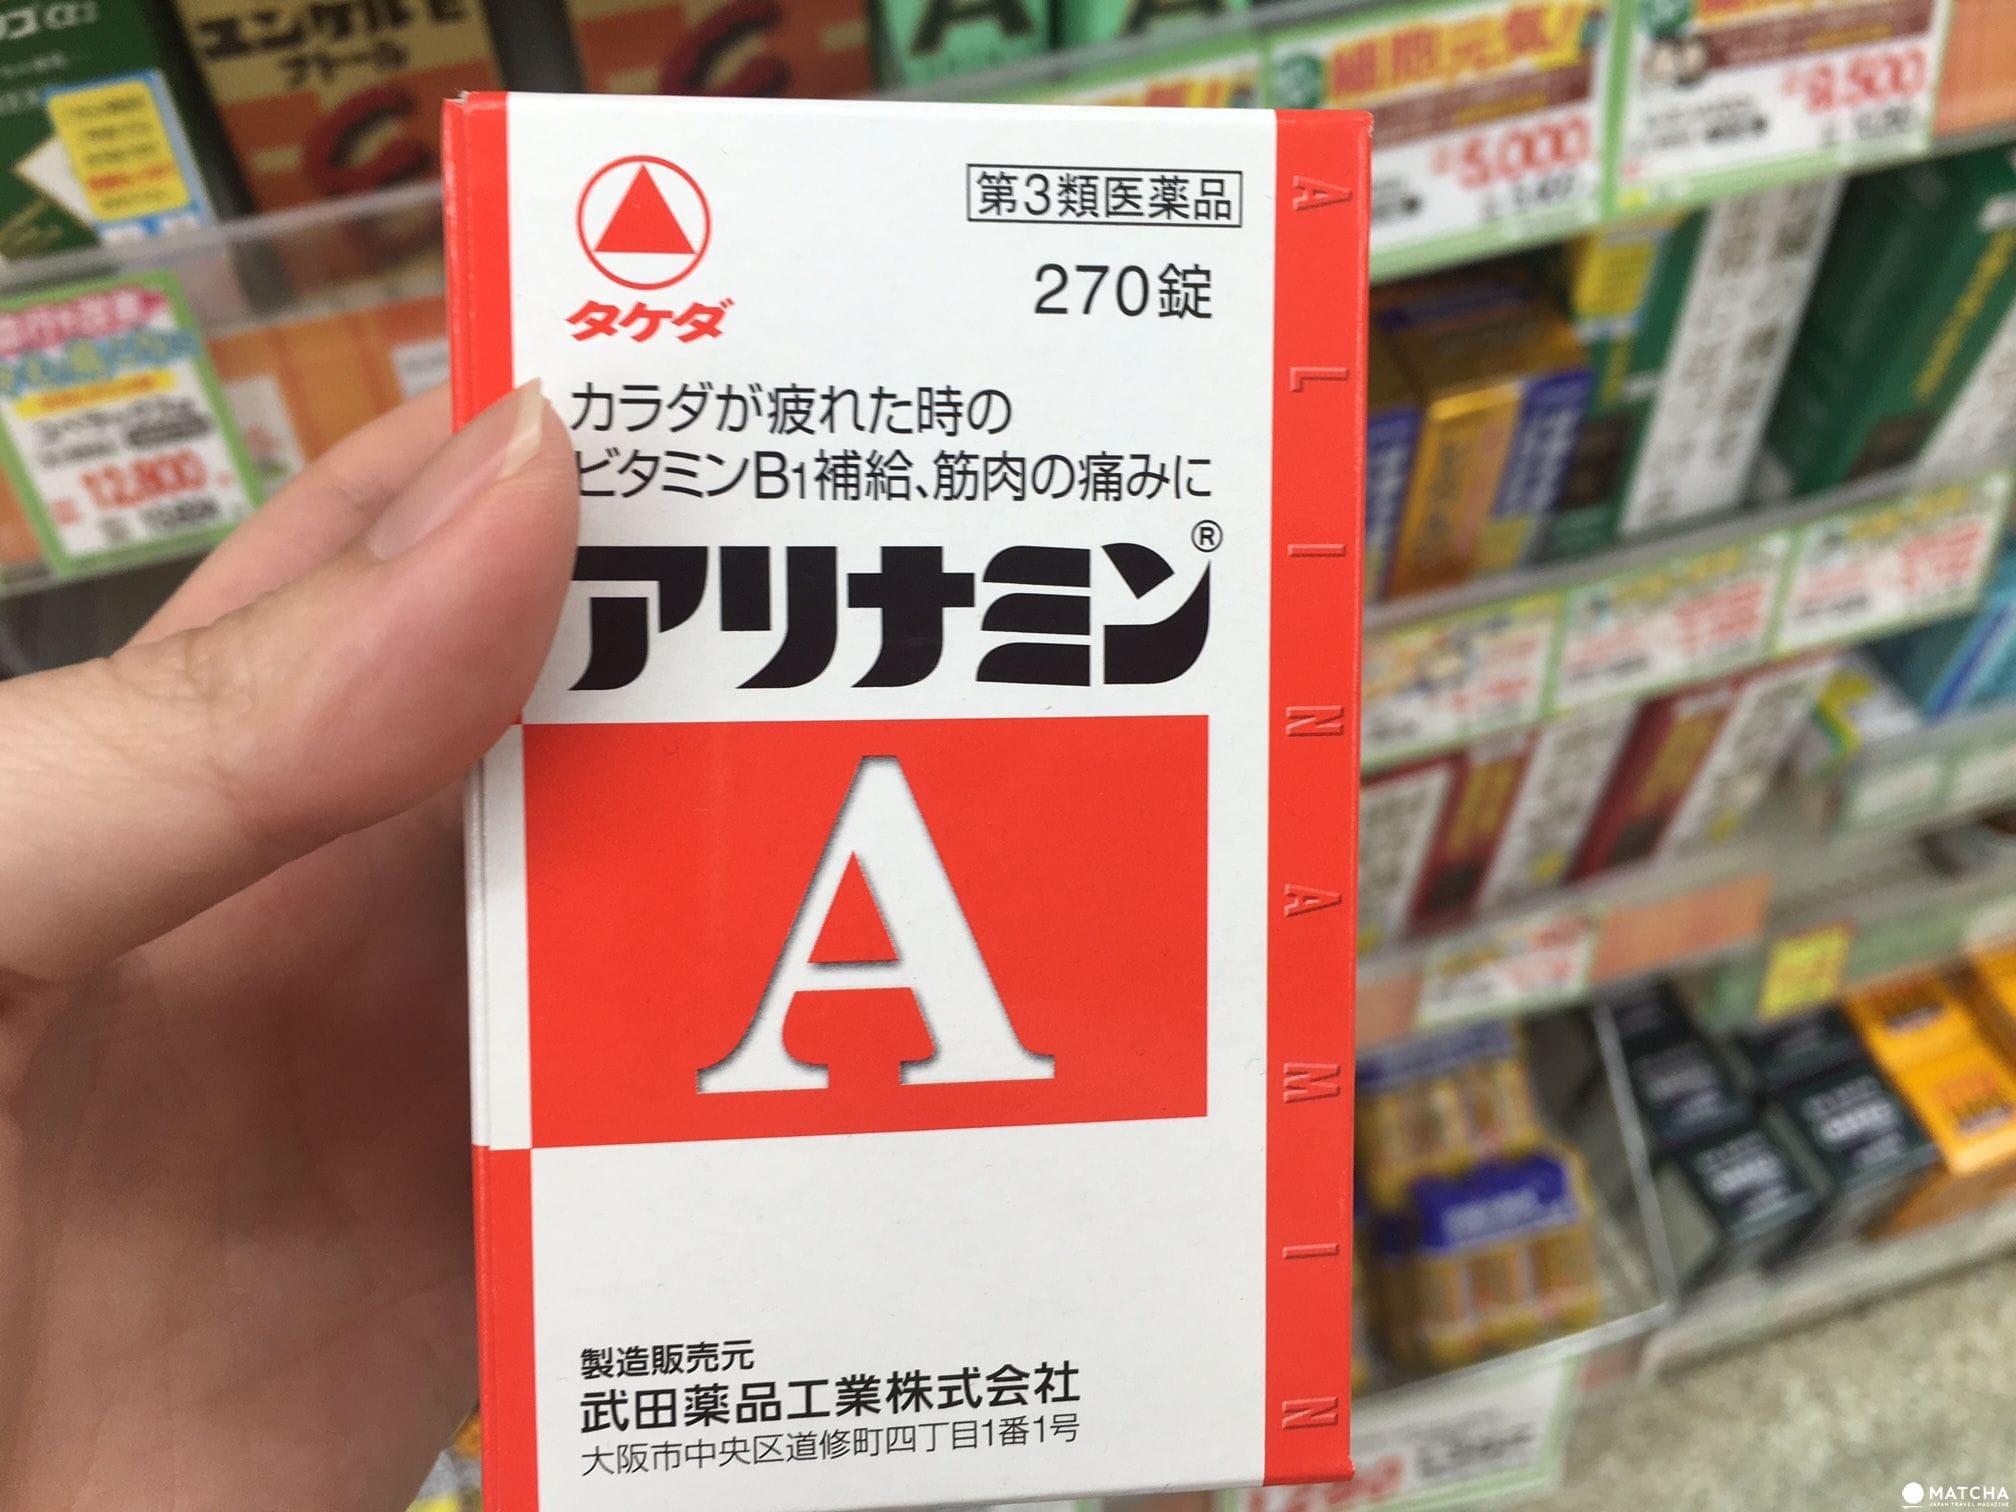 長輩們吩咐買的藥都在這啦!屬於長輩的藥妝店清單-MATCHA-欣傳媒旅遊頻道